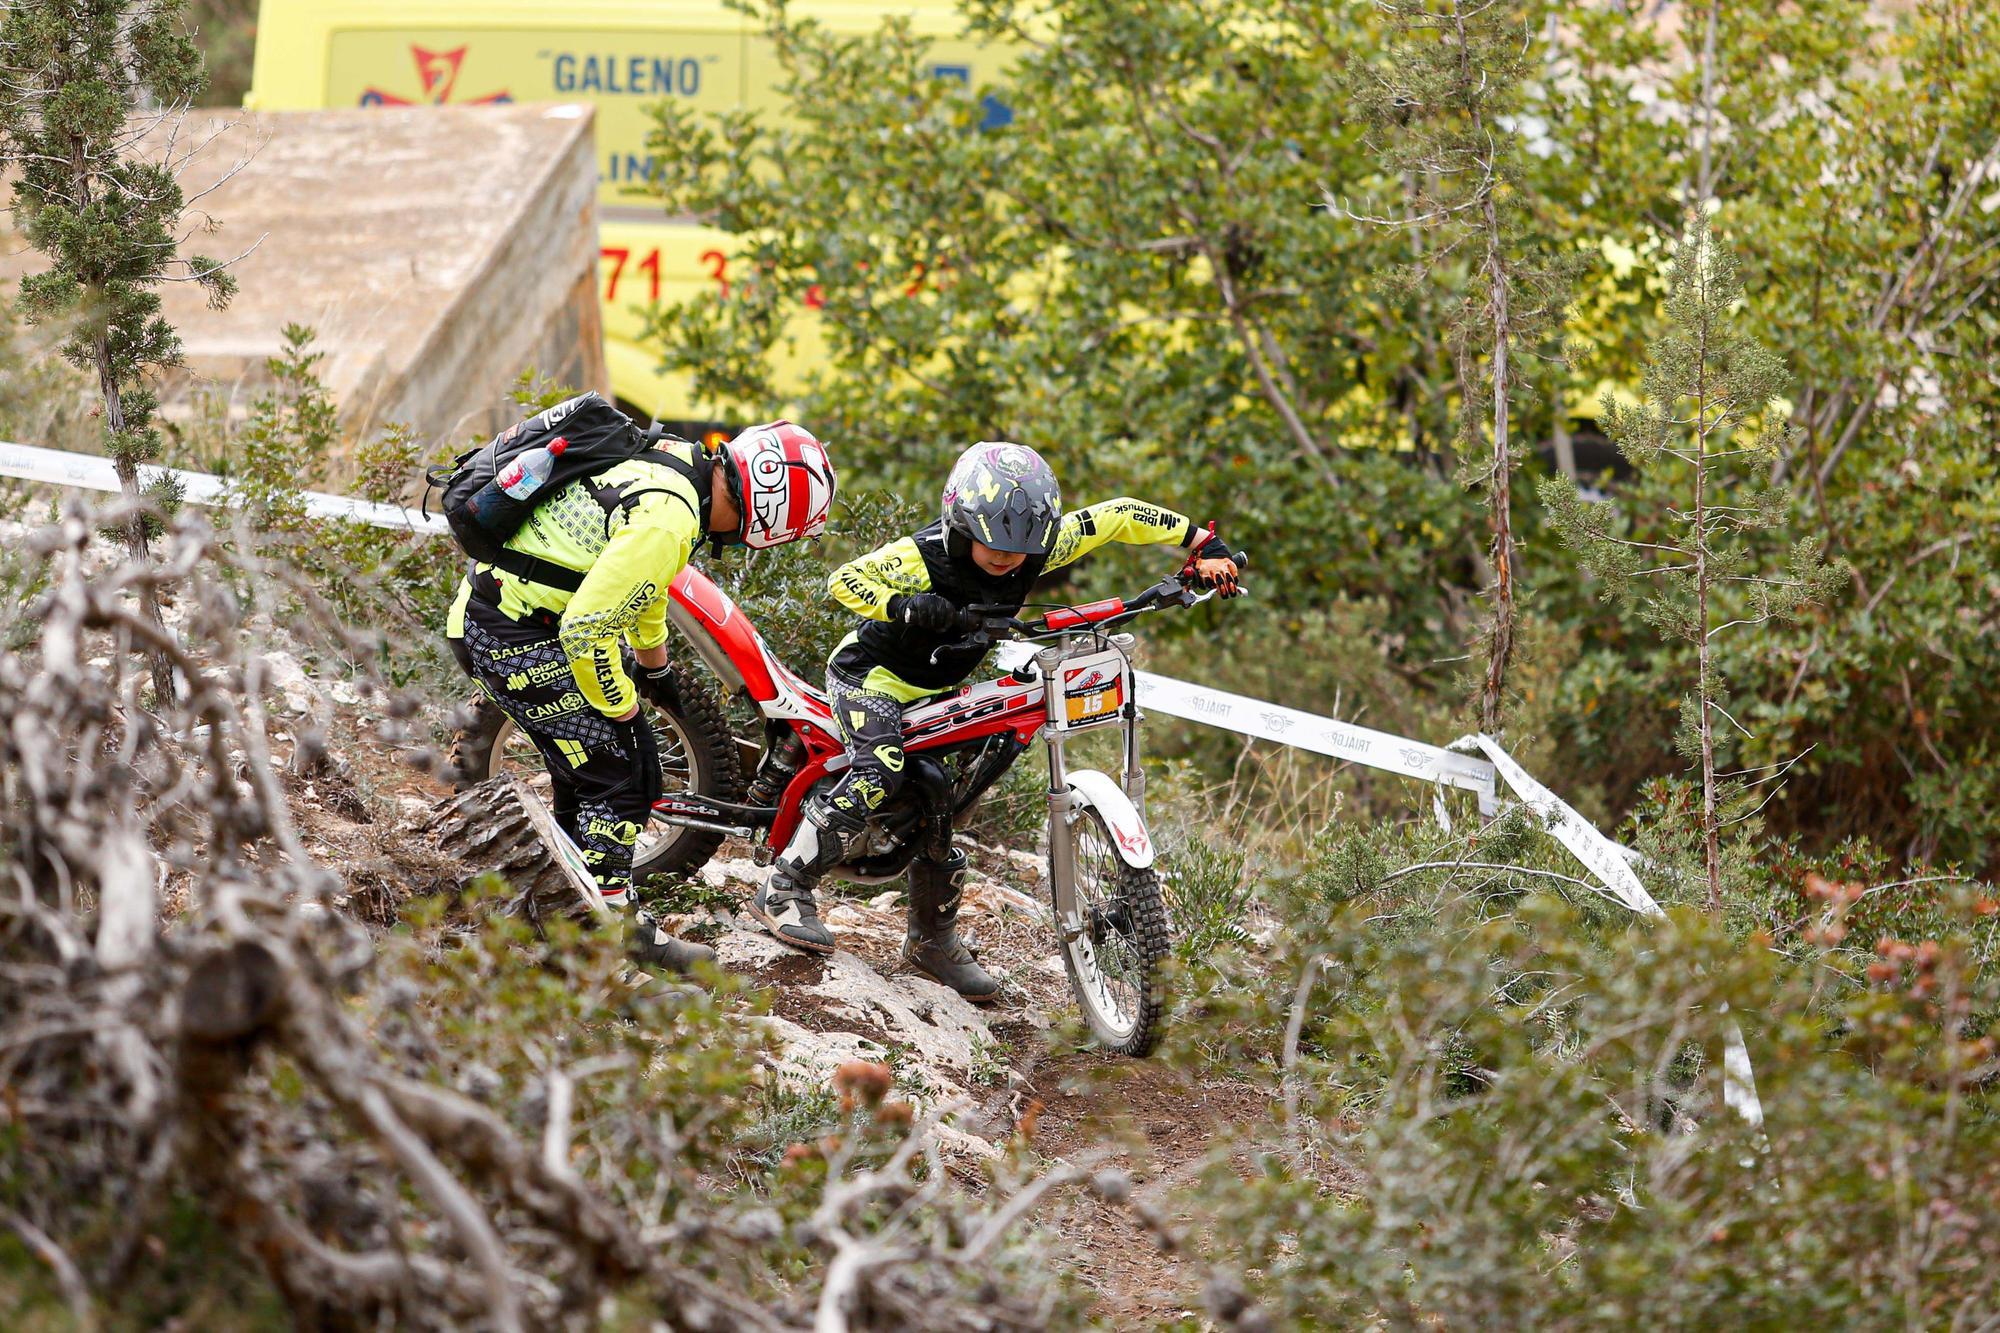 El trial se abre paso en Ibiza entre la pandemia del covid